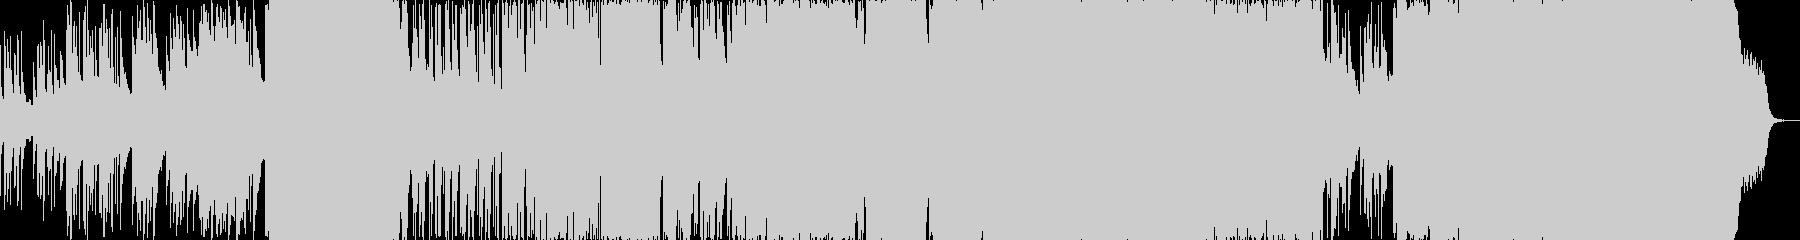 悲しみのピアノ&ドラム・ロックバラードの未再生の波形